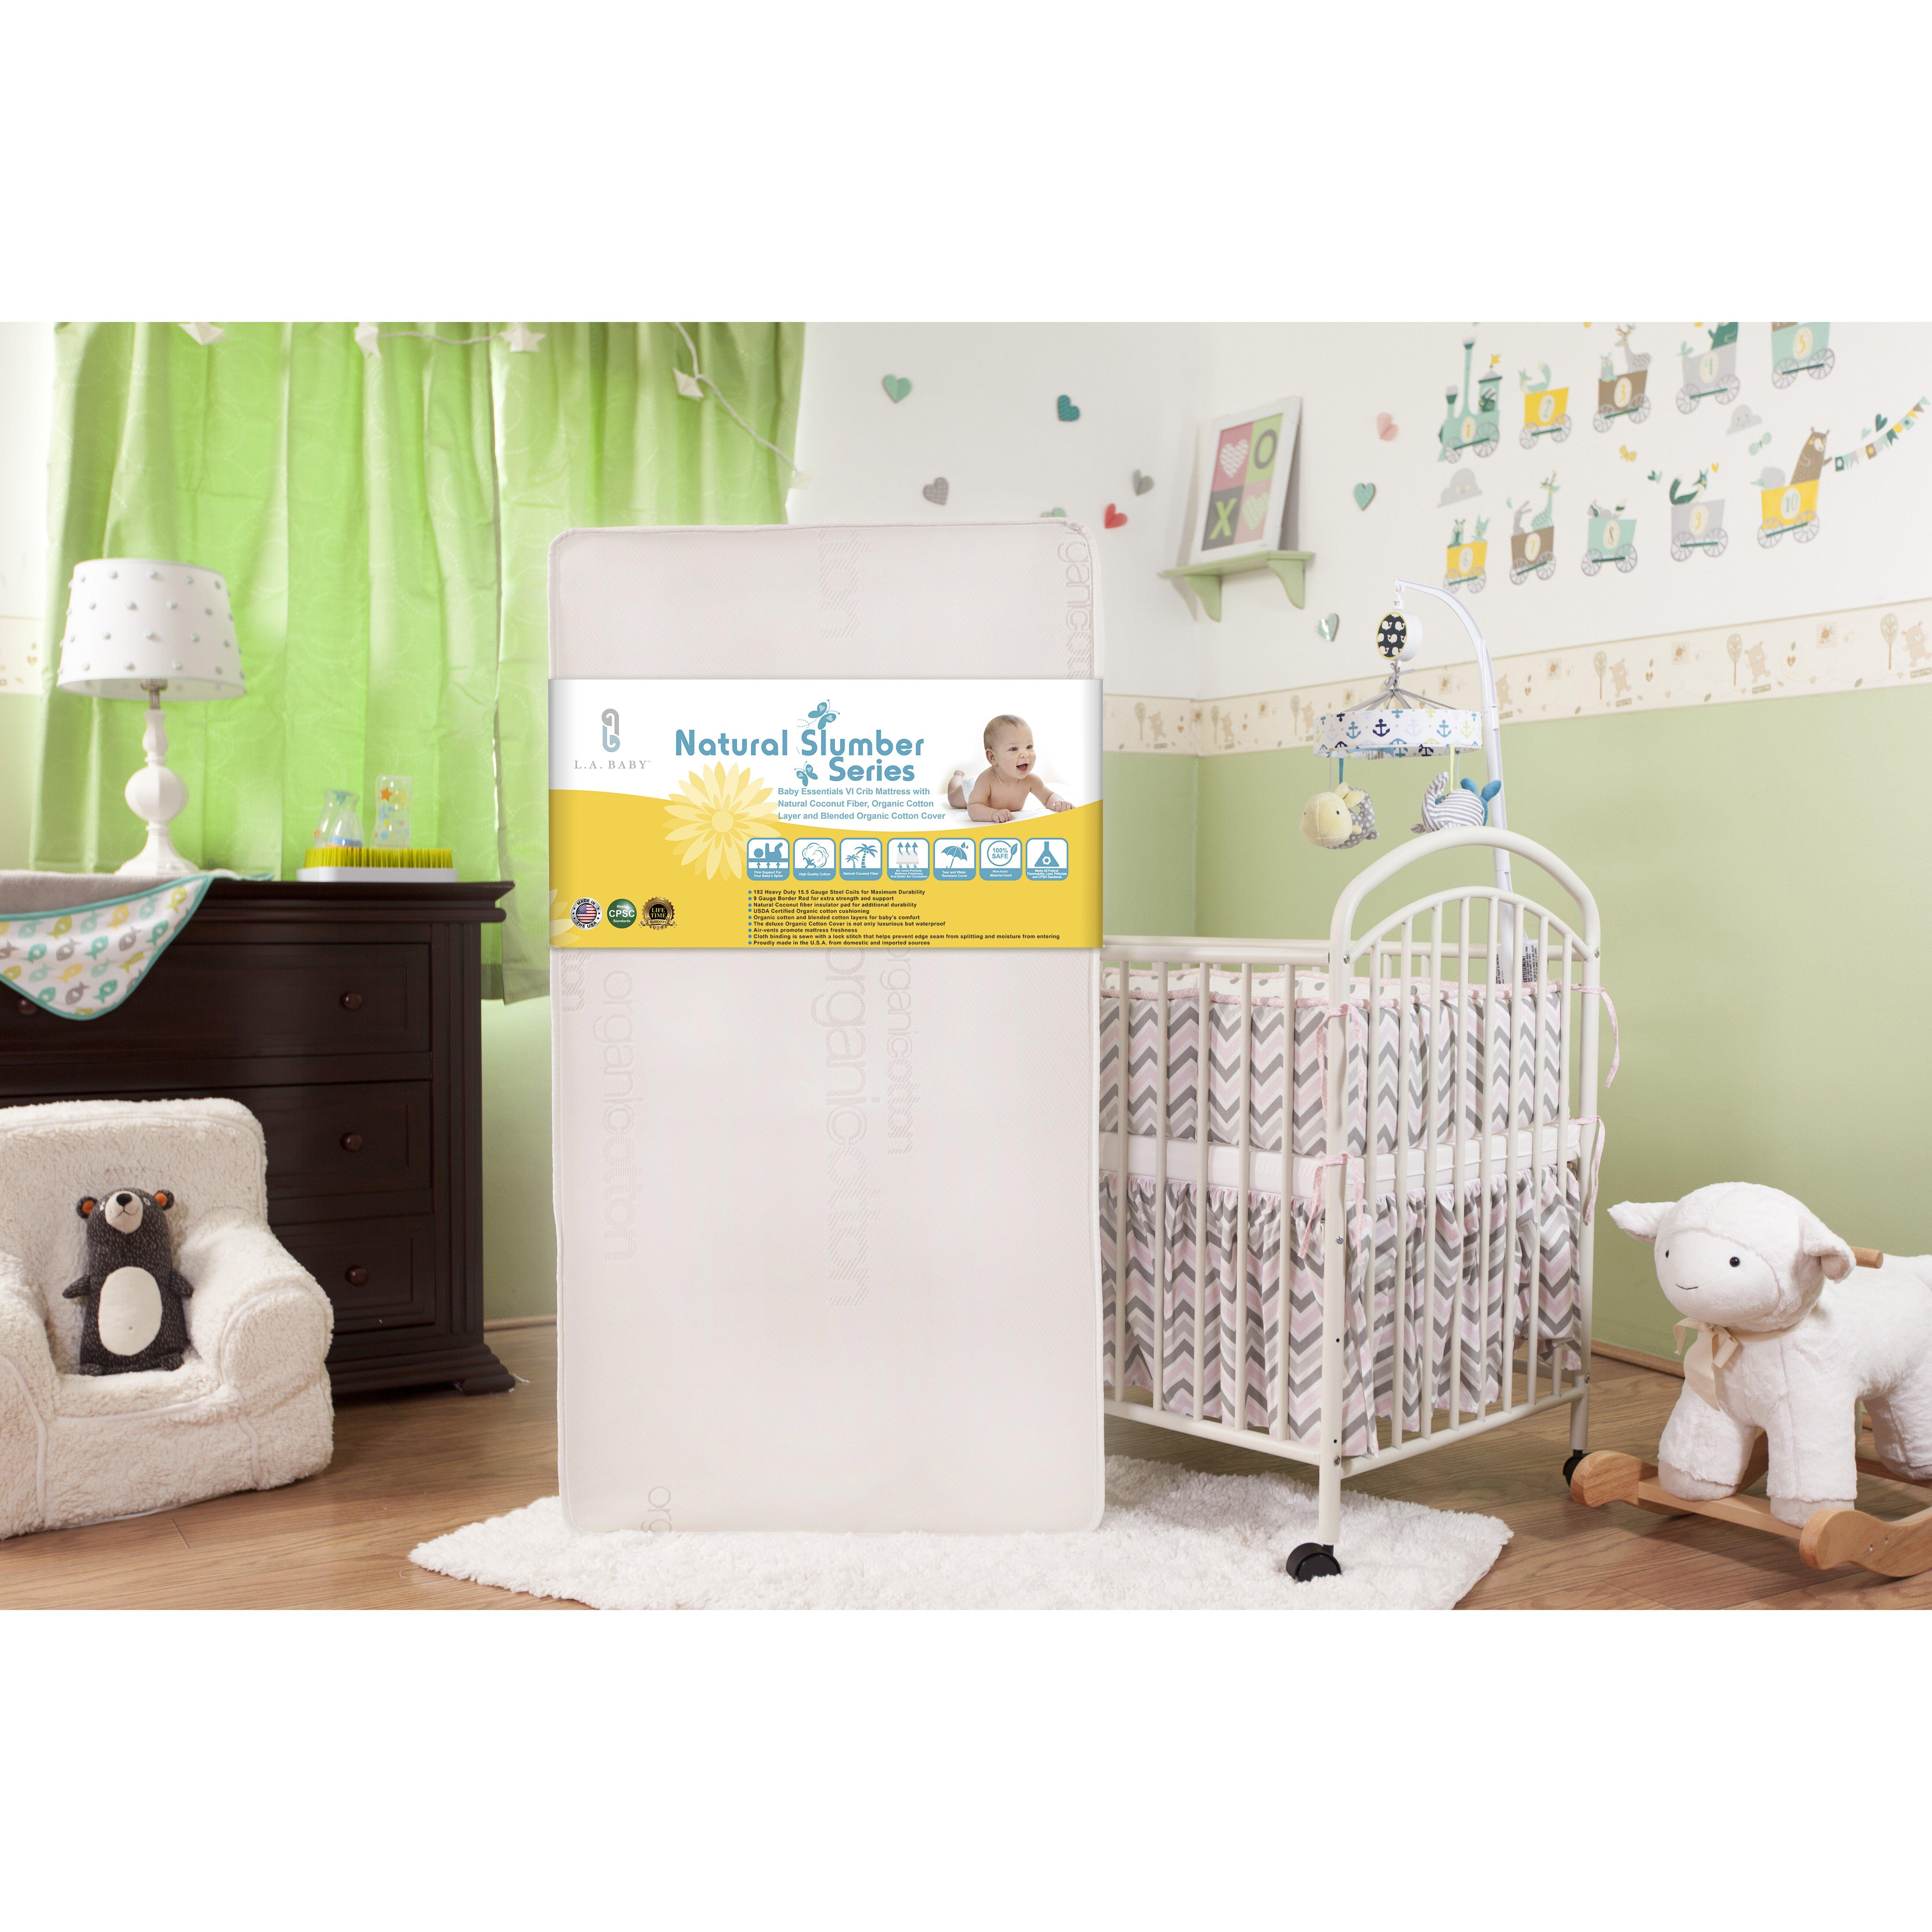 Nemo s reef 4 piece crib bedding set disney baby - Crib Mattress Essentials